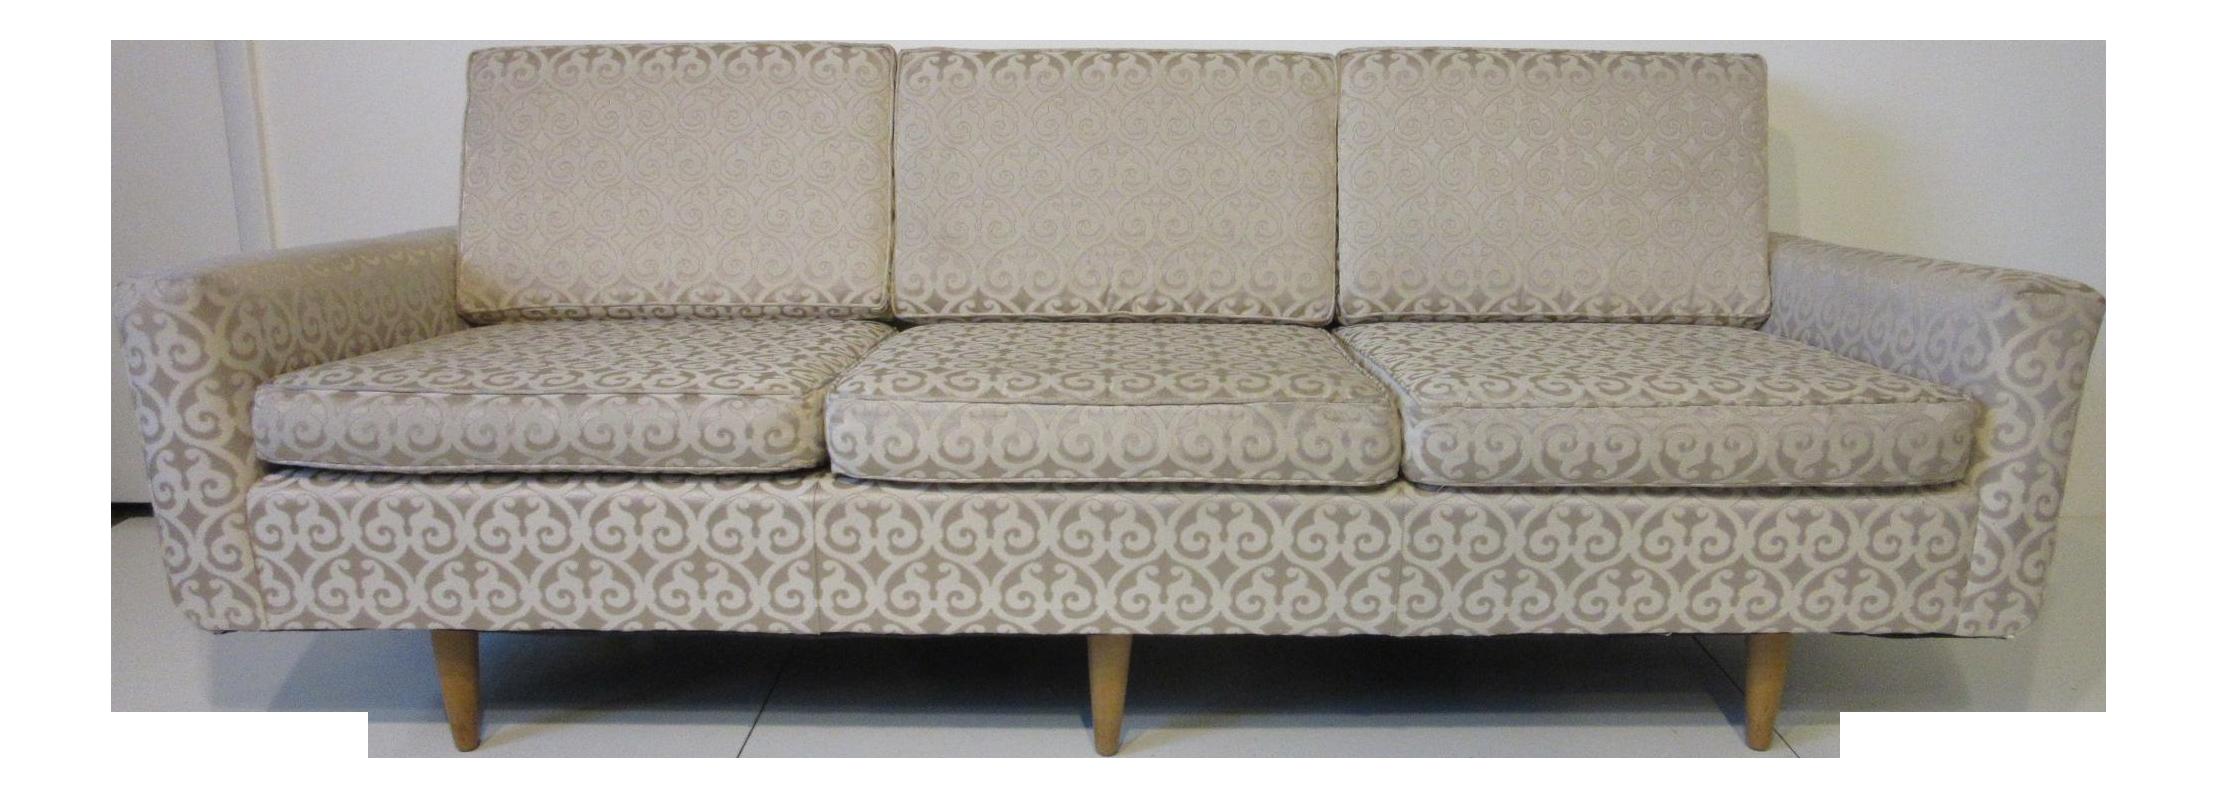 Table Florence Knoll Prix florence knoll sofa for knoll